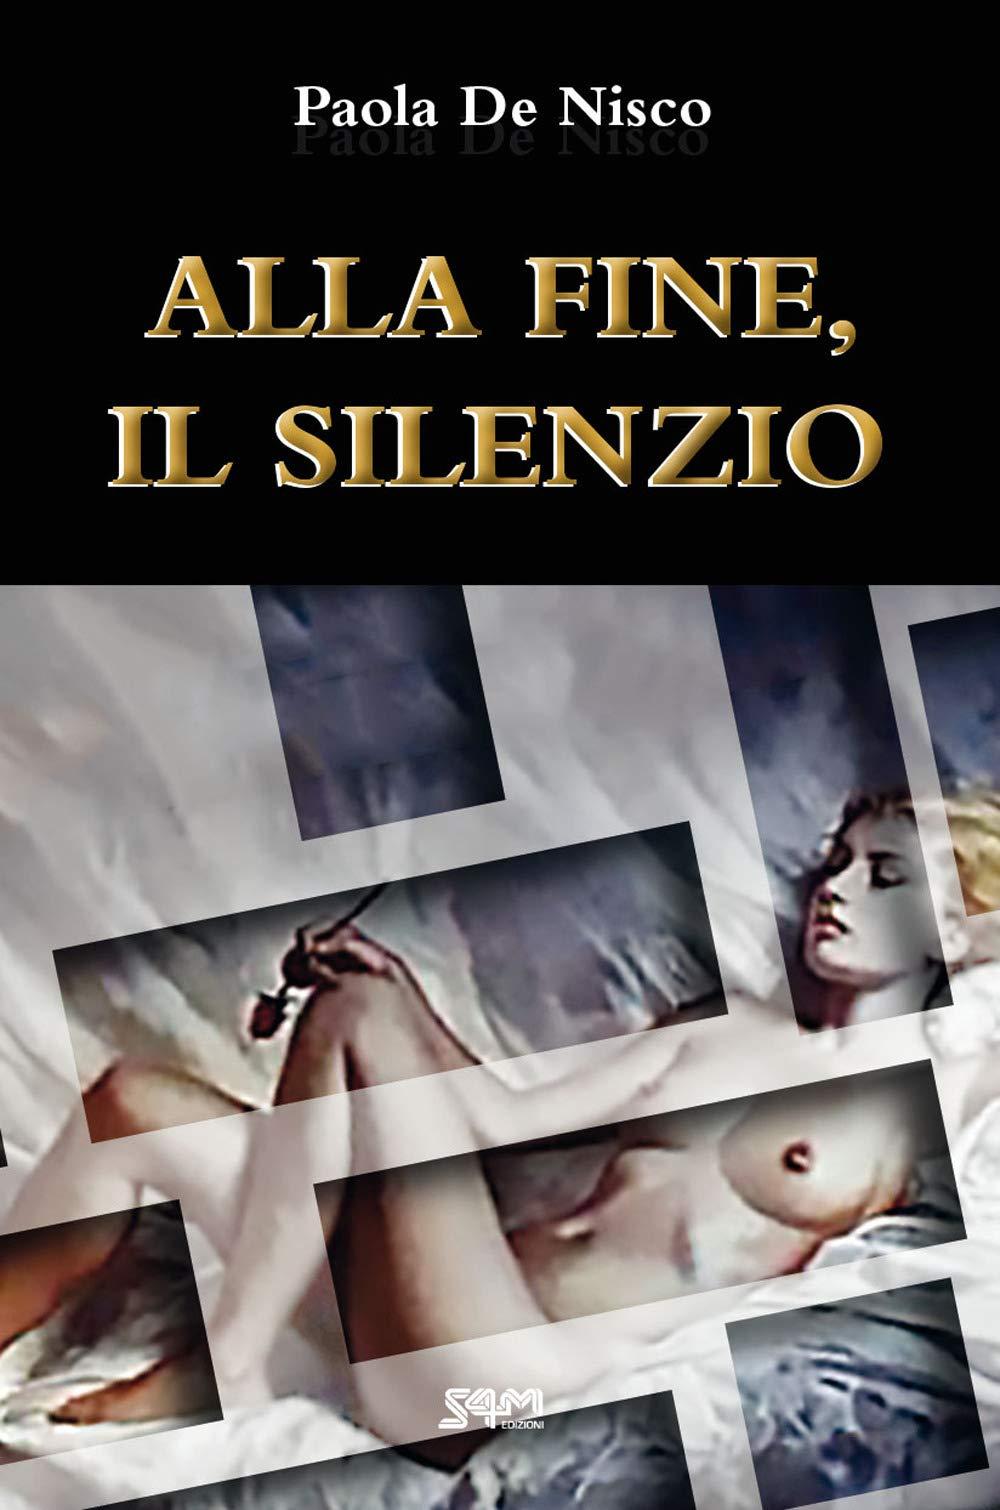 Amazon.it: Alla fine, il silenzio - De Nisco, Paola - Libri